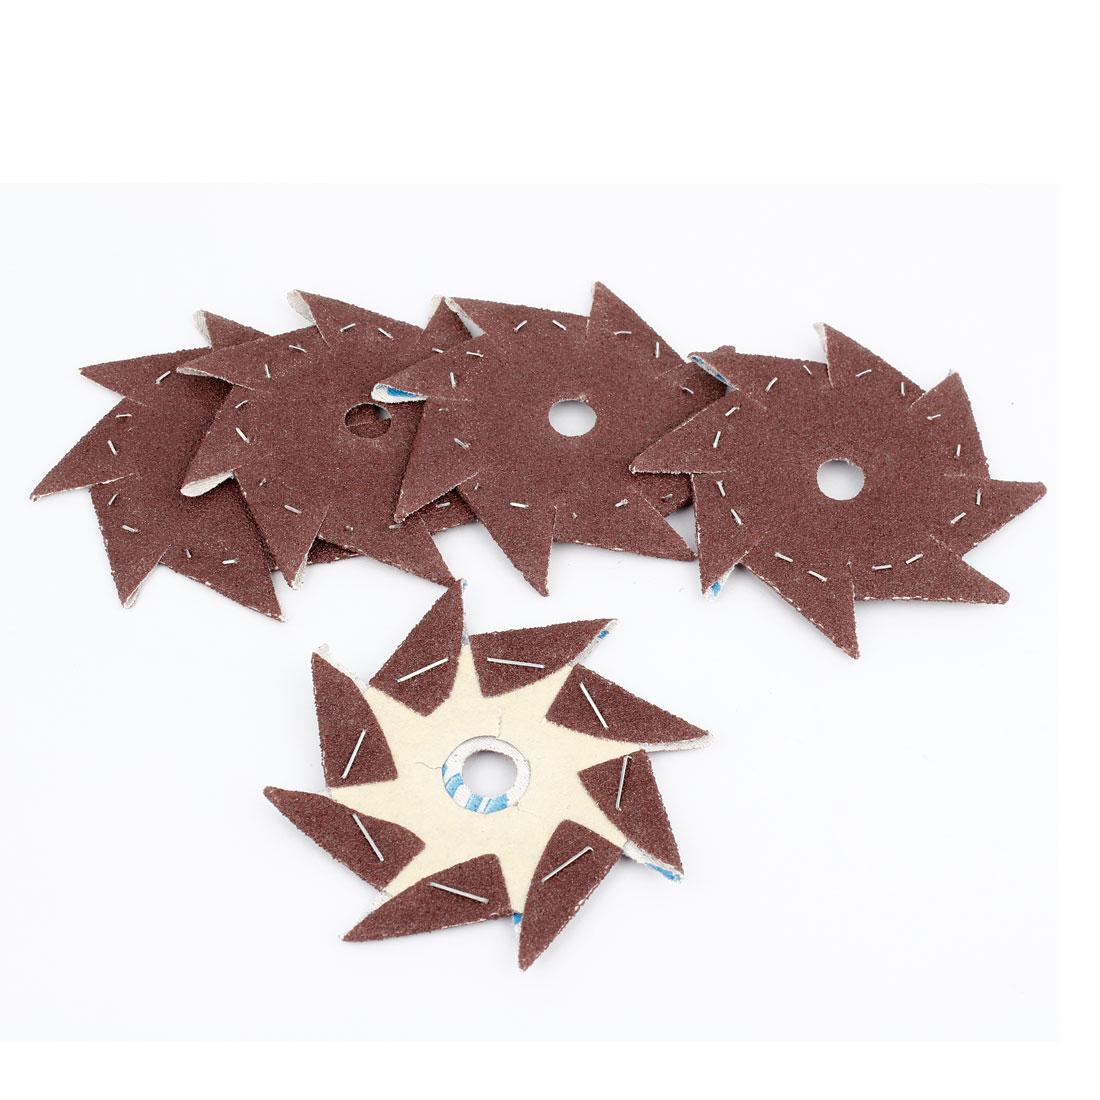 5 Pcs Pinwheel Shaped 80 Grit Waterproof Abrasive Sandpaper Sheet Dark Brown